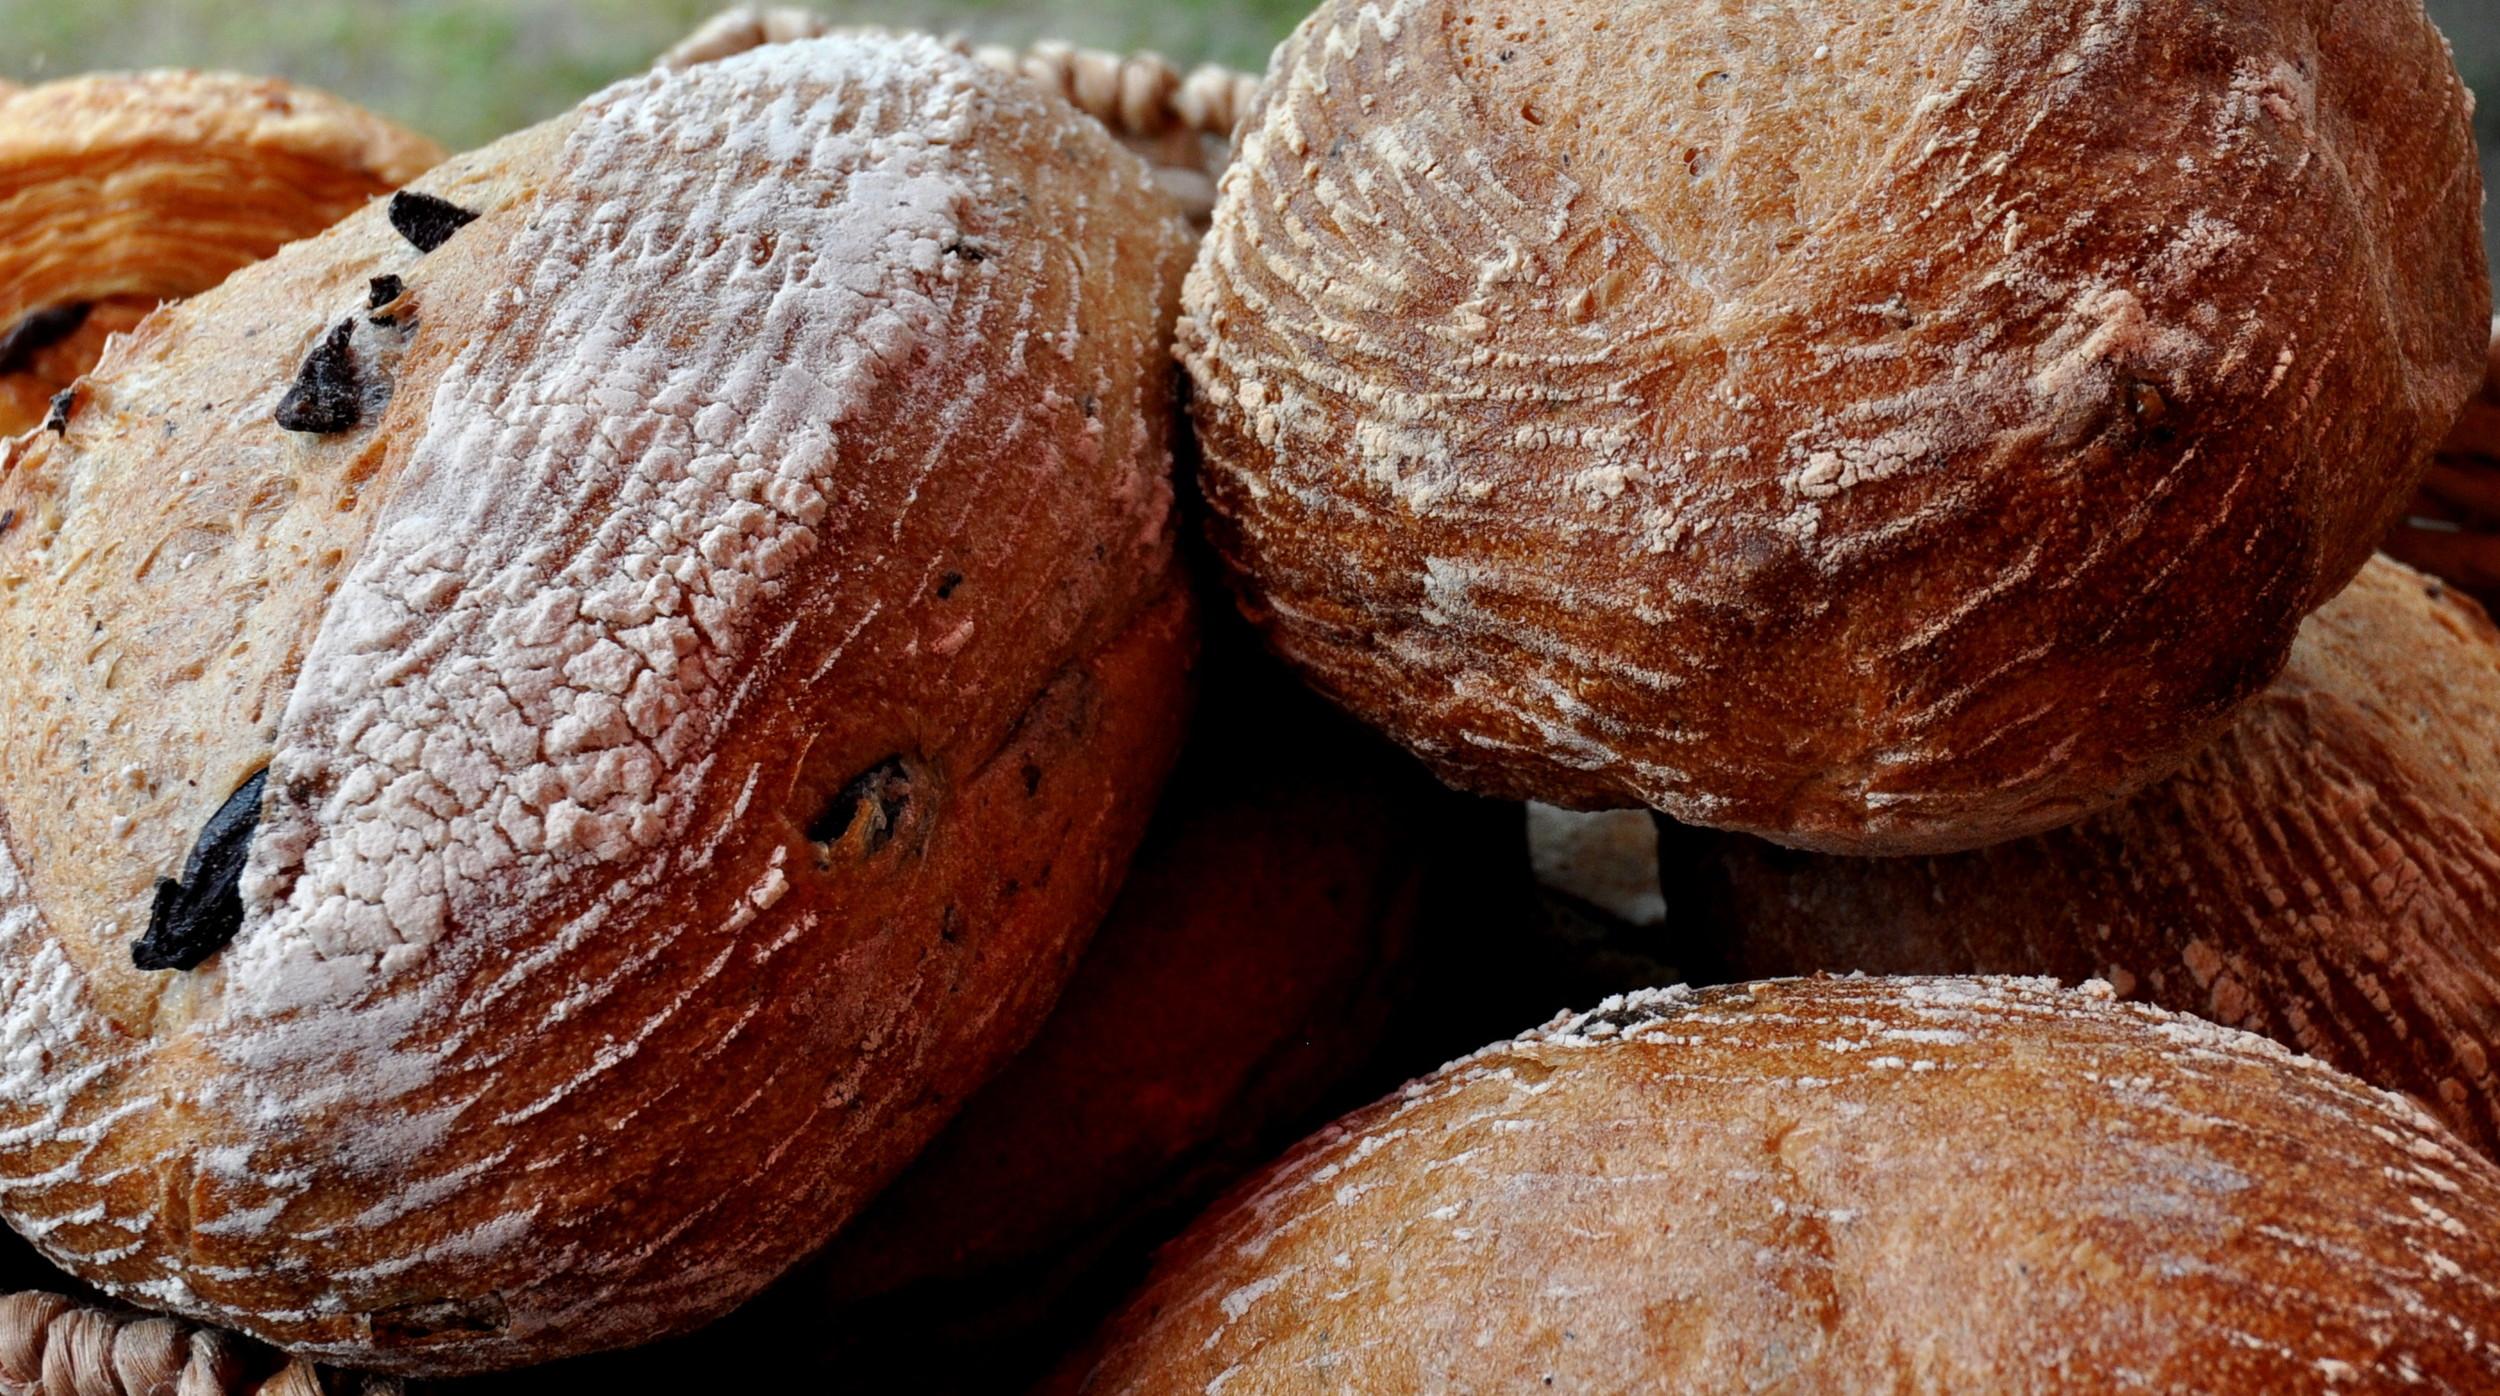 Kalamata olive bread from Snohomish Bakery. Photo copyright 2014 by Zachary D. Lyons.